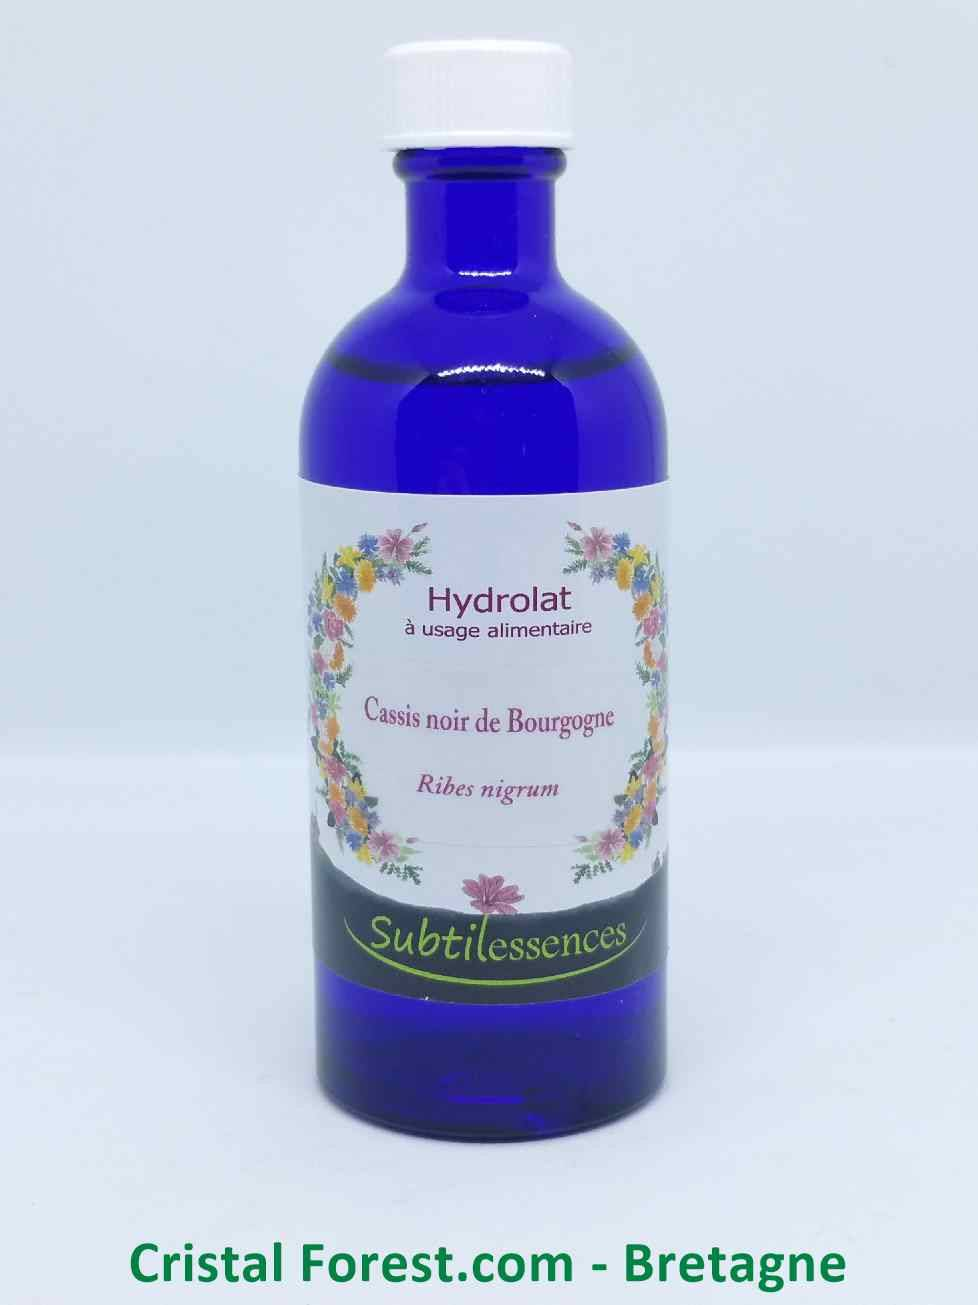 Hydrolats & eaux florales Hydrolat Cassis noir de Bourgogne - Ribes nigrum (eau florale)